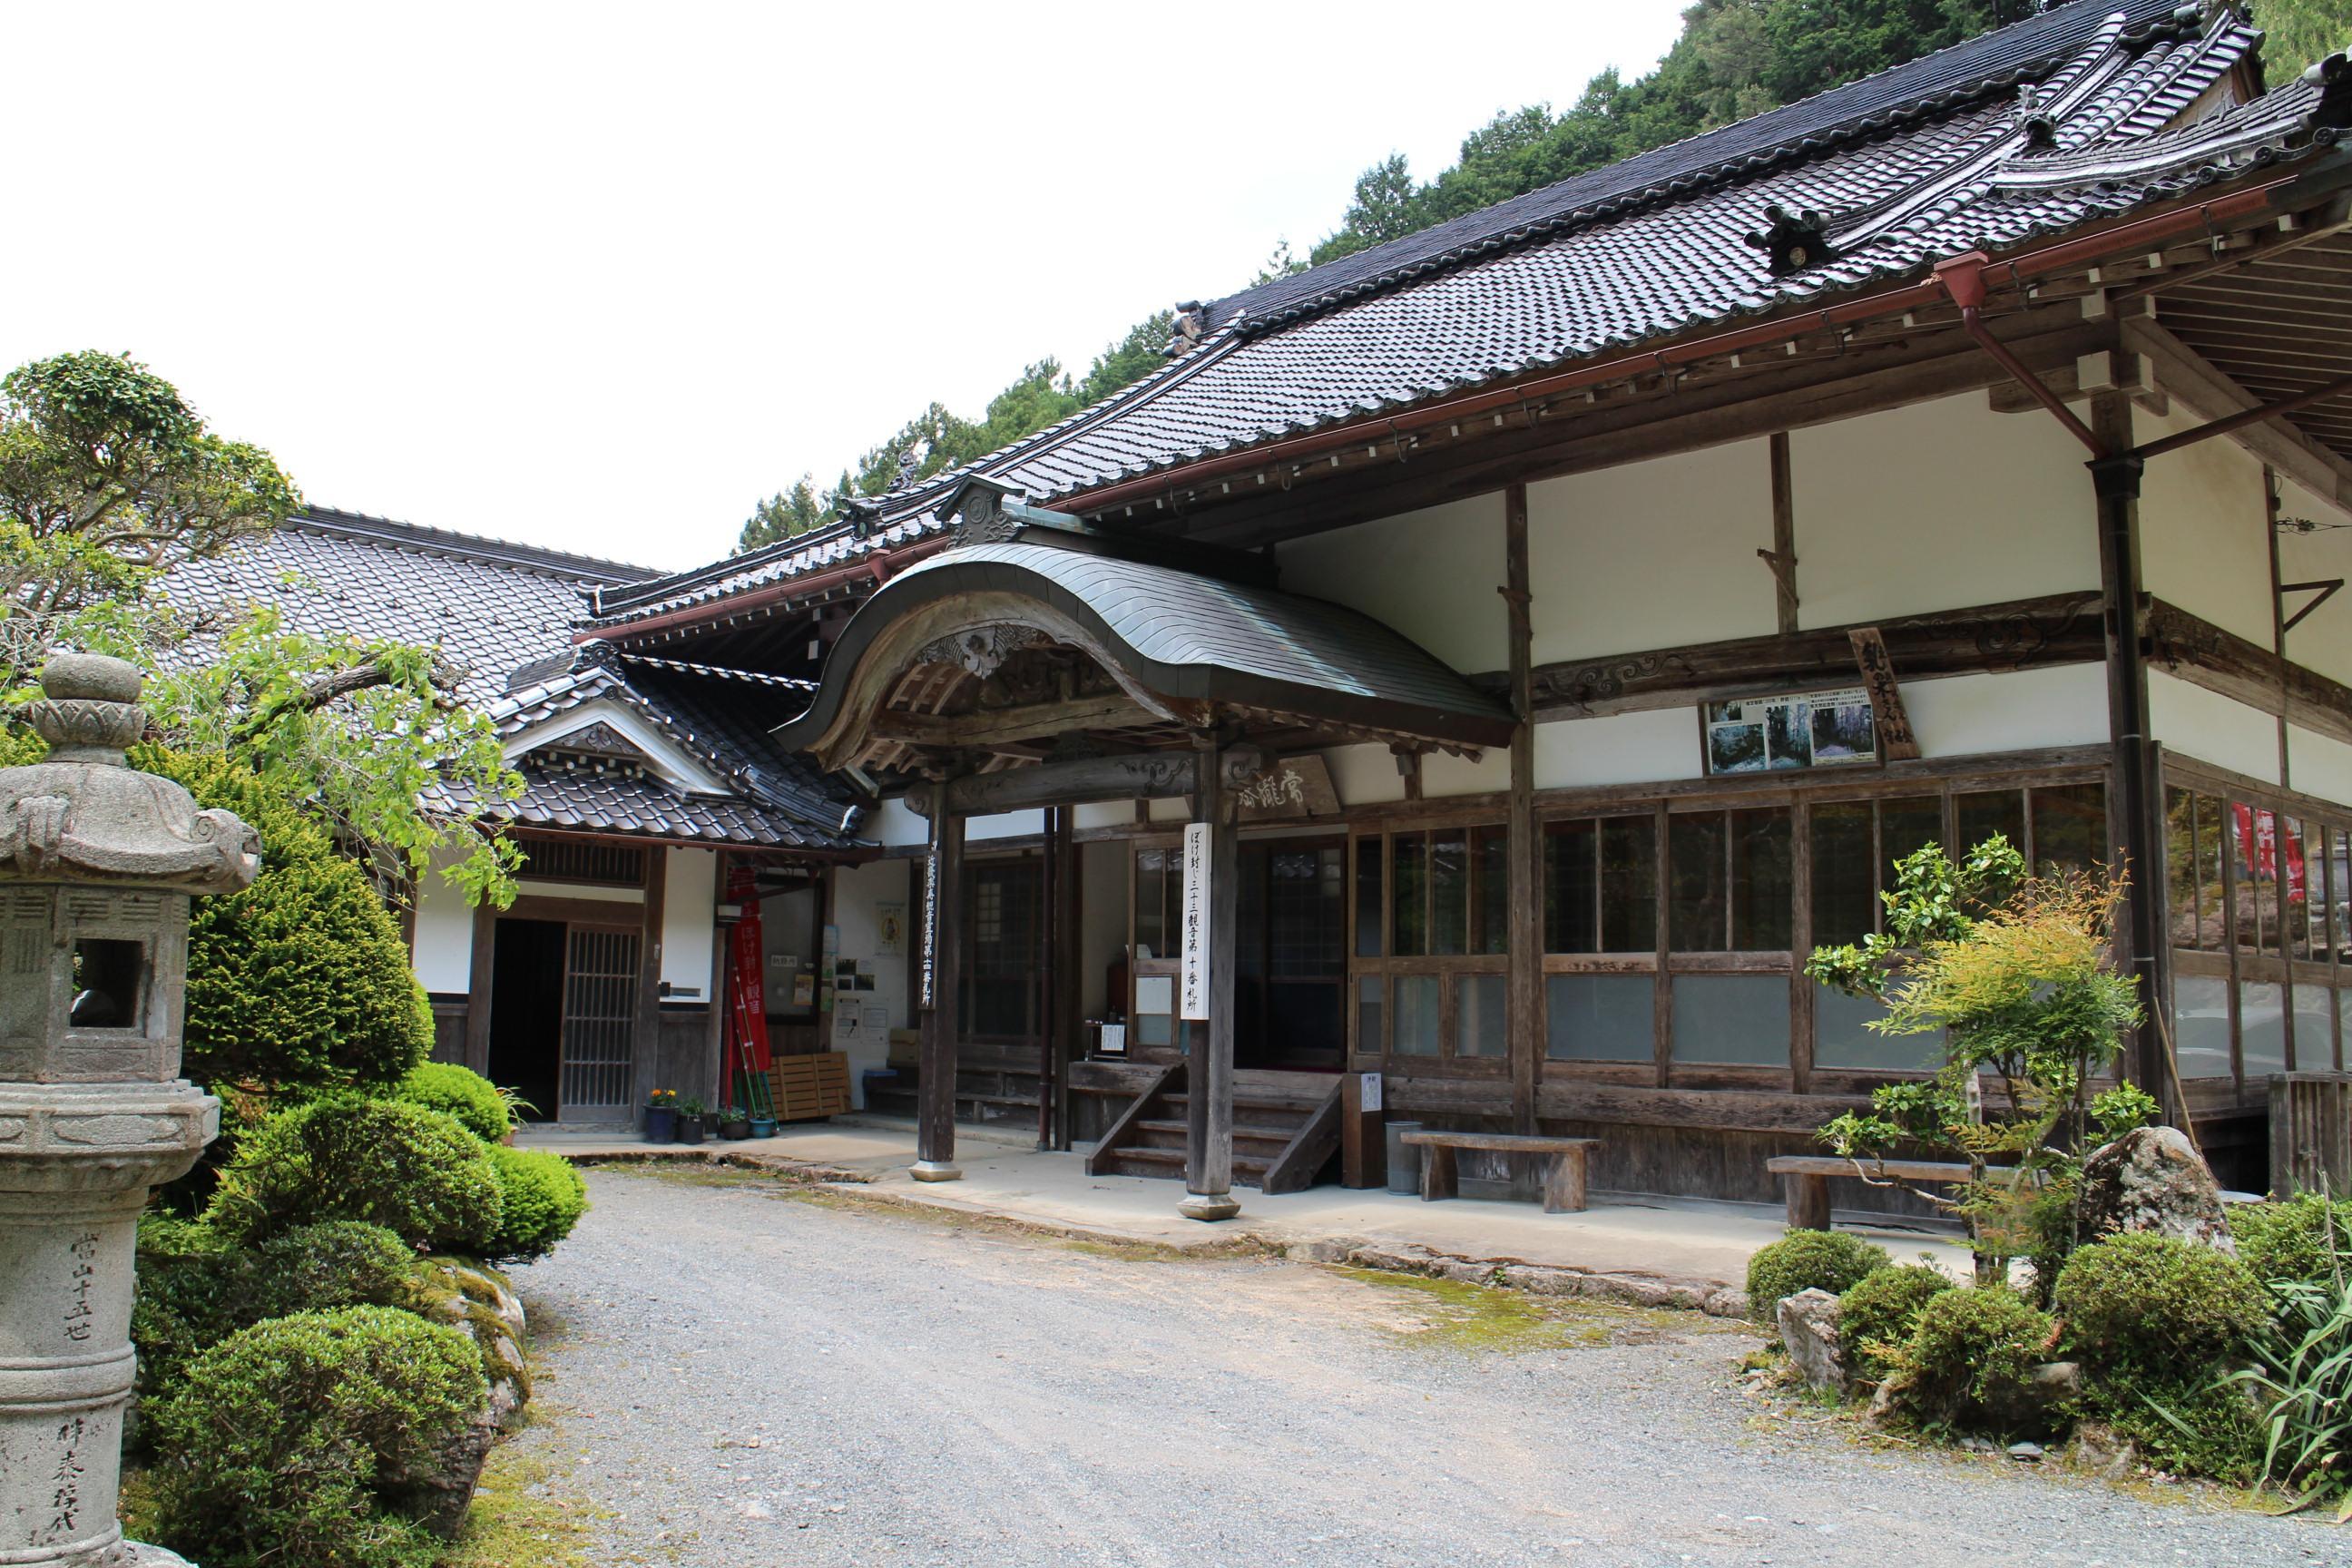 常瀧寺の本殿